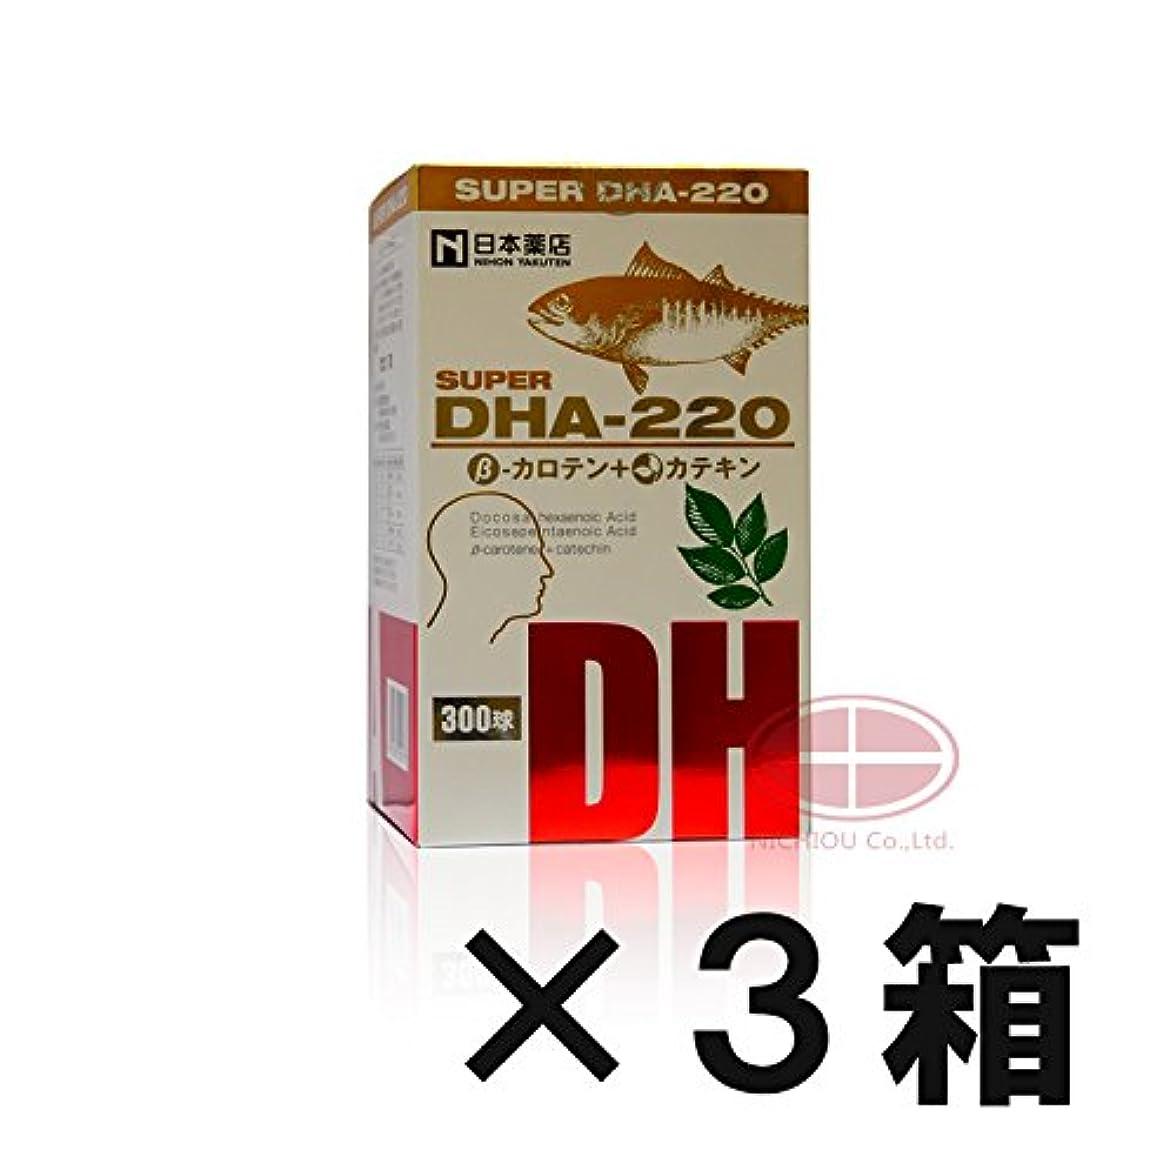 警報グリース緩める薬王製薬 スーパーDHA220 βカロテン+カテキン 300粒 (3)